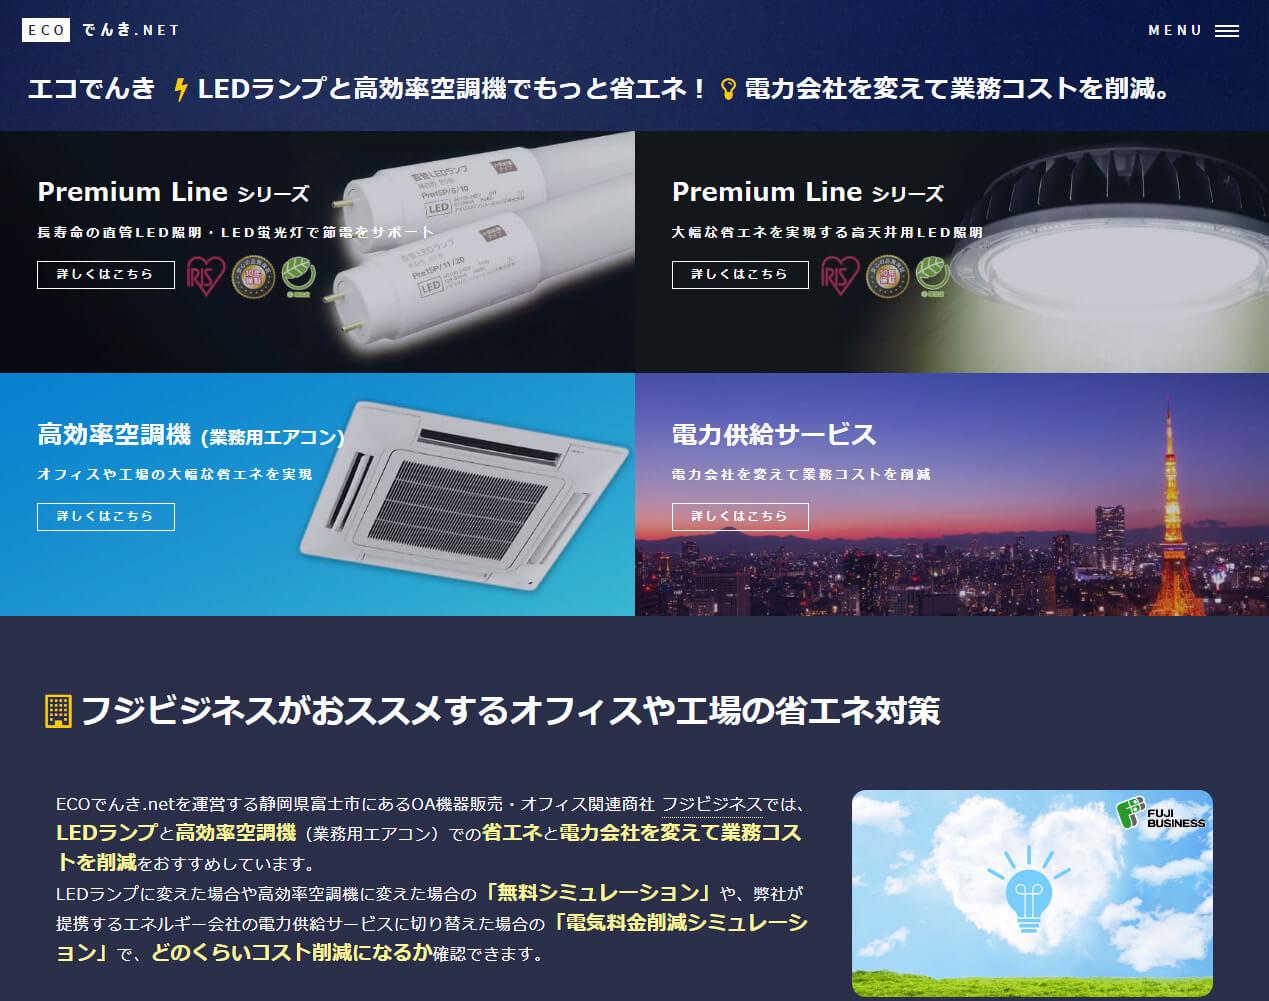 ECOでんき.net